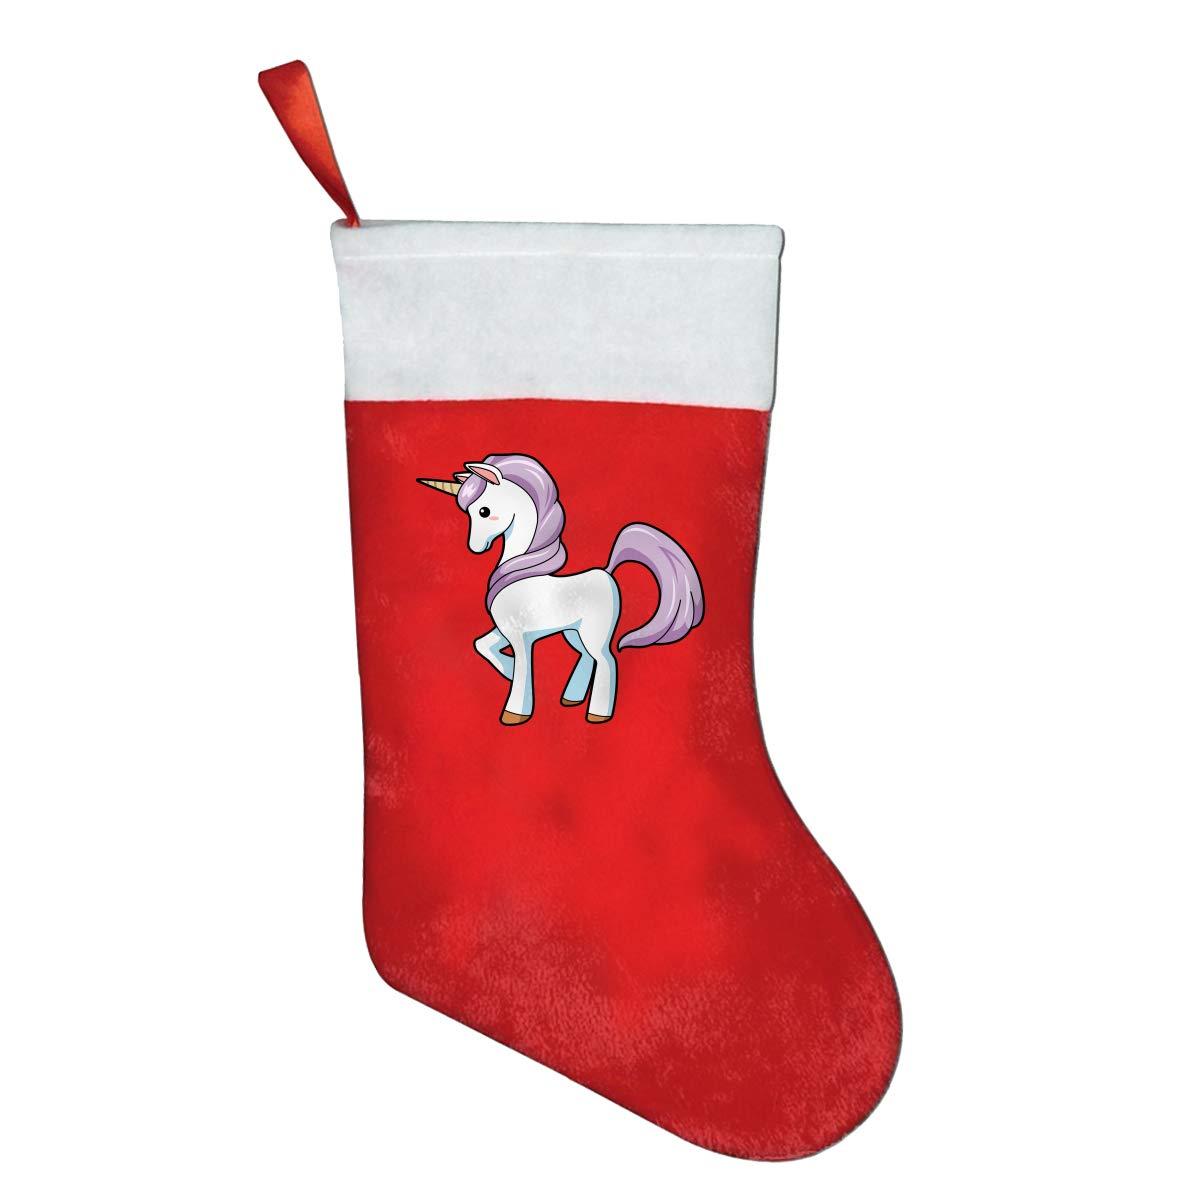 YISHOW Unicorns are My Spirit Animal Christmas Holiday Stockings